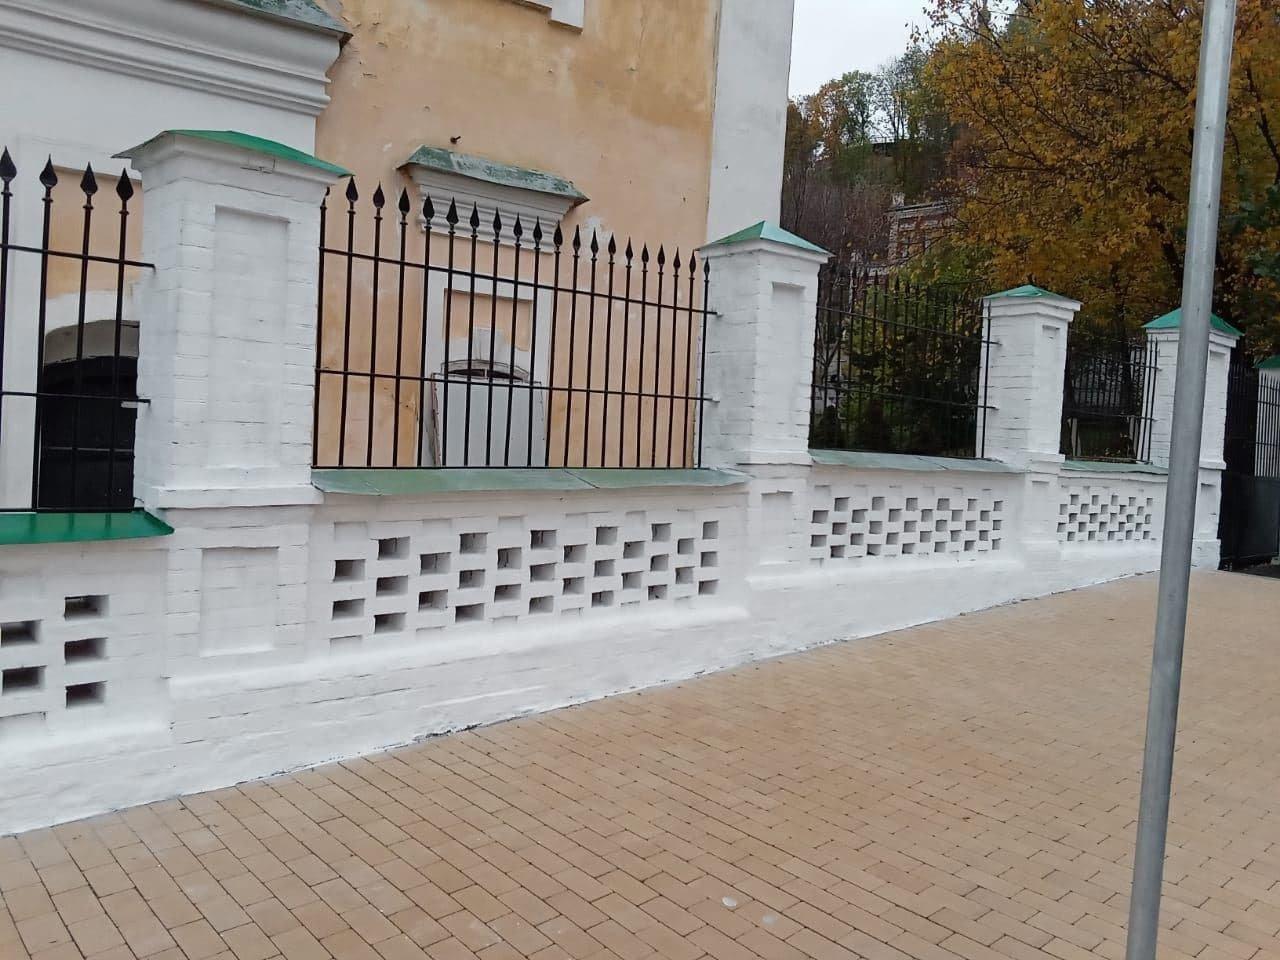 В Киеве завершили реставрацию ограды Покровской церкви, которой 248 лет, фото-1, Киевский городской совет